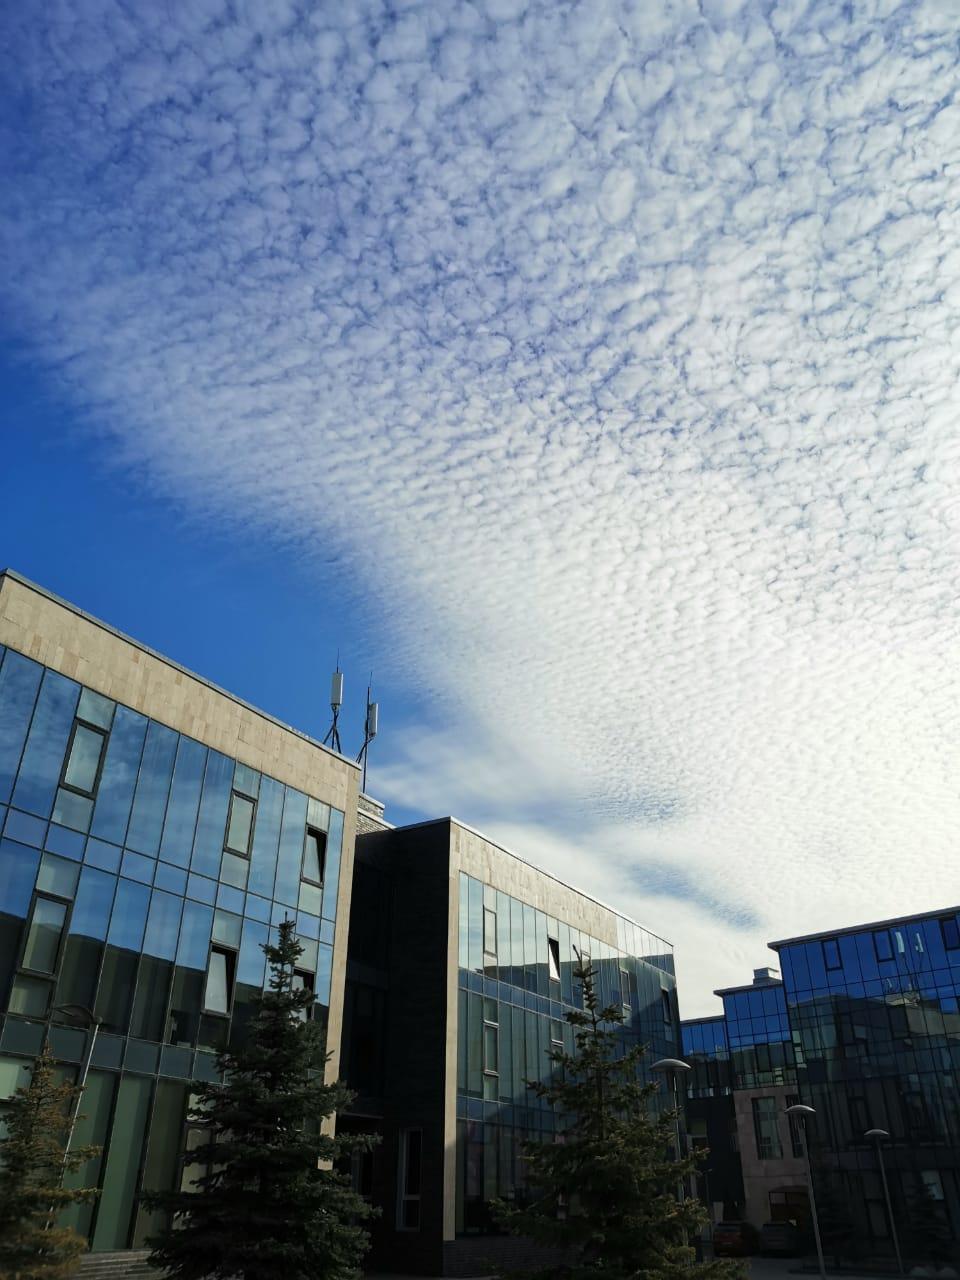 Красивое небо над бизнес центром, где я проработал пять лет. До переезда нашей компании из этого уютного места в другой БЦ оставалось меньше двух месяцев...